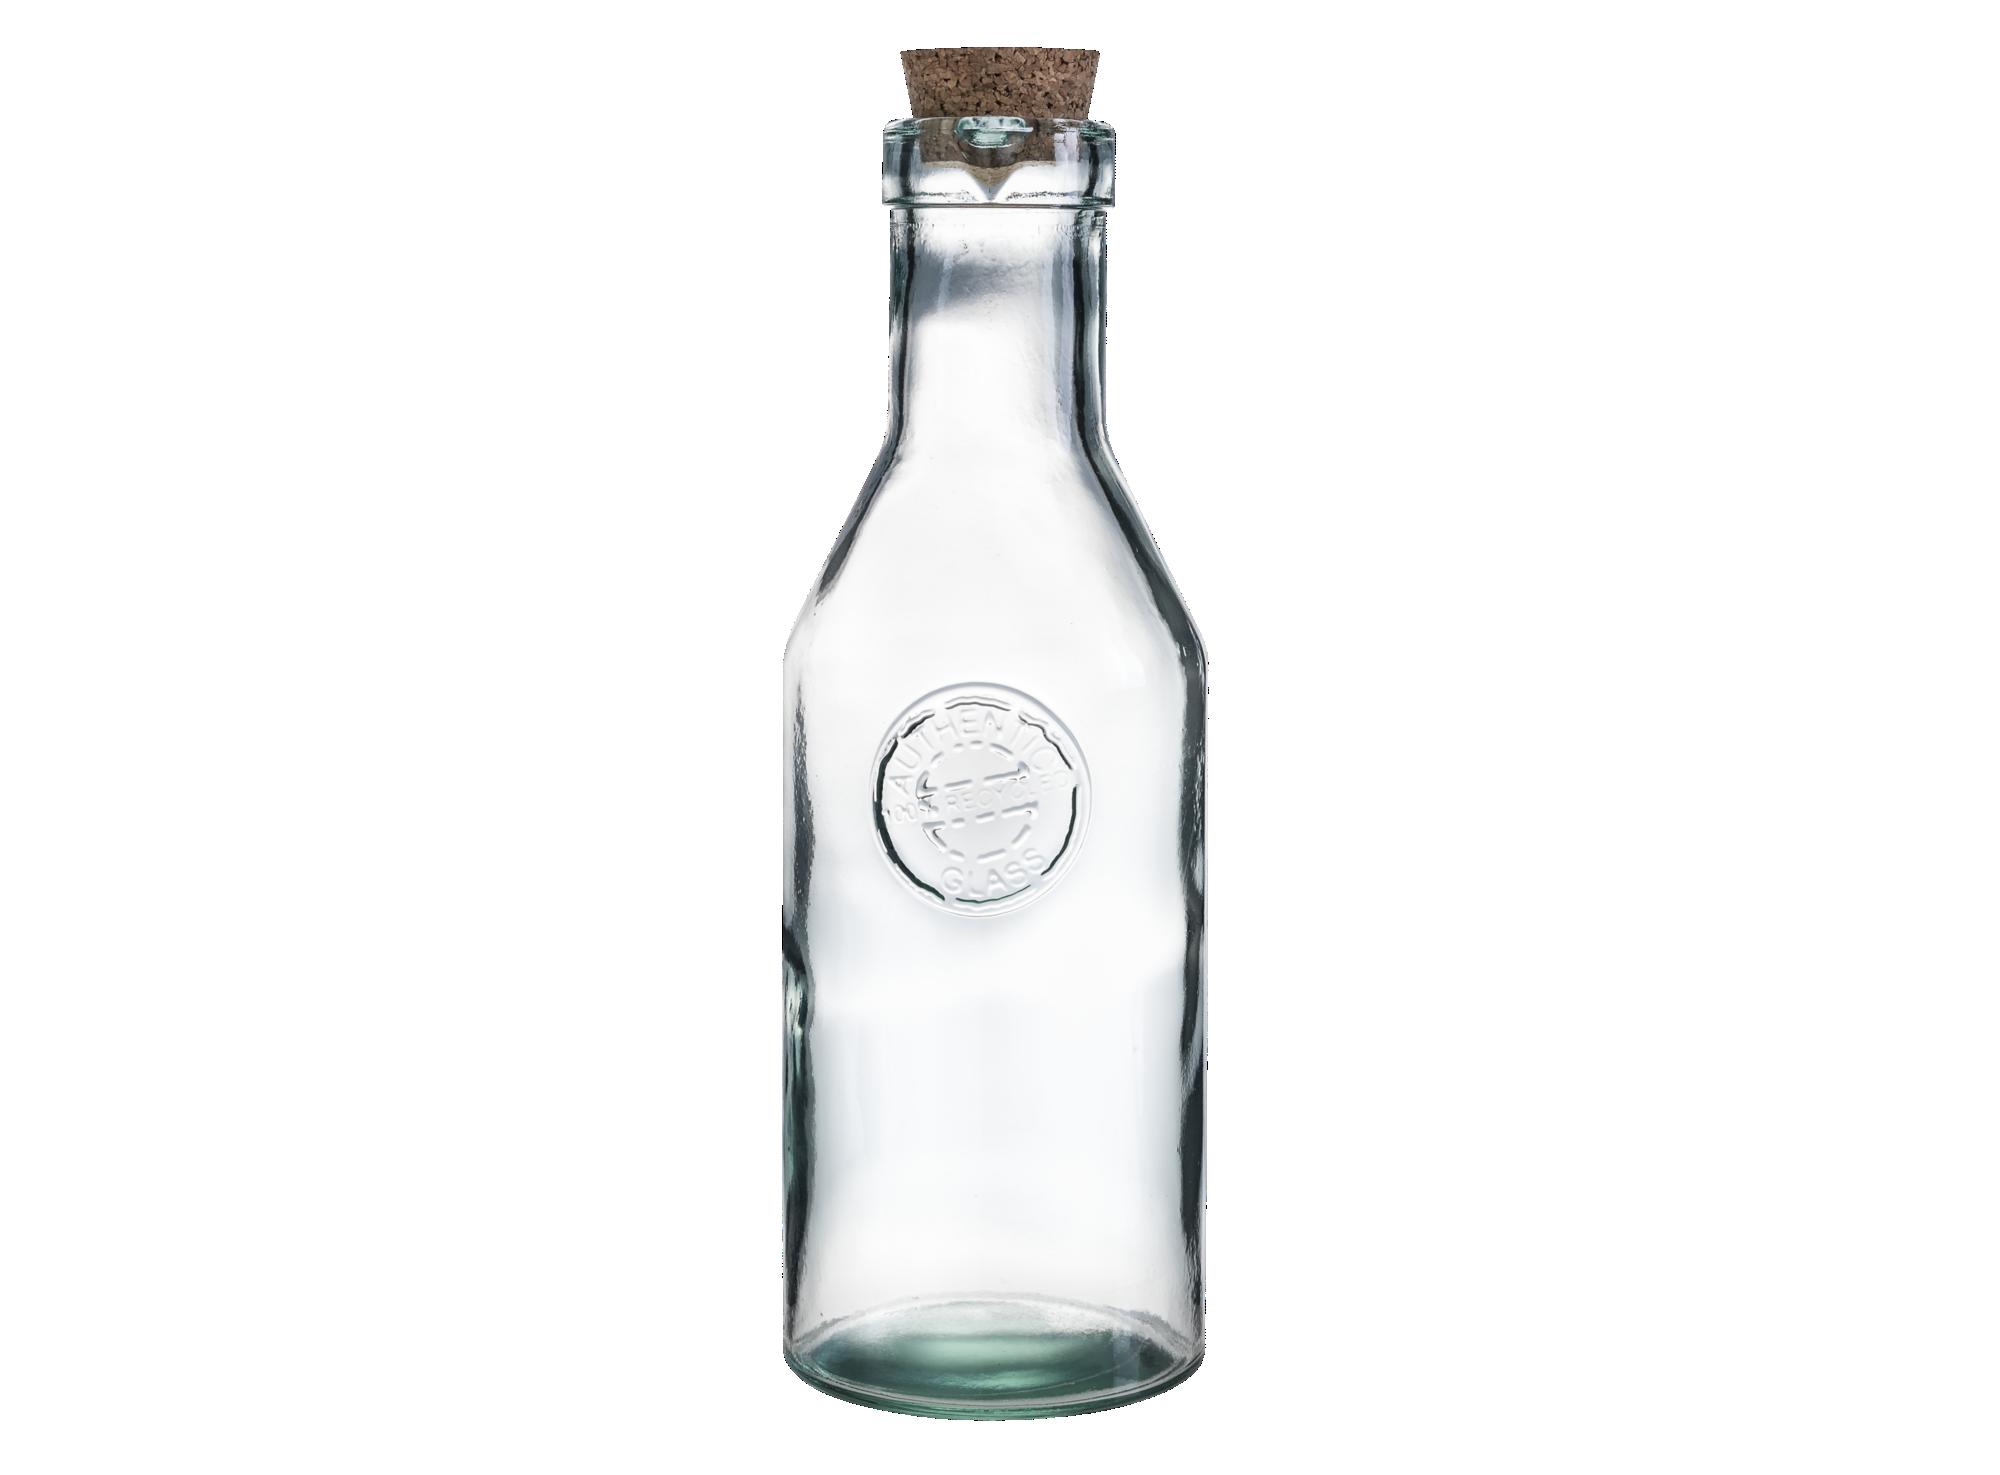 Bouteille 1l en verre recycle - resiste au lave-vaisselle